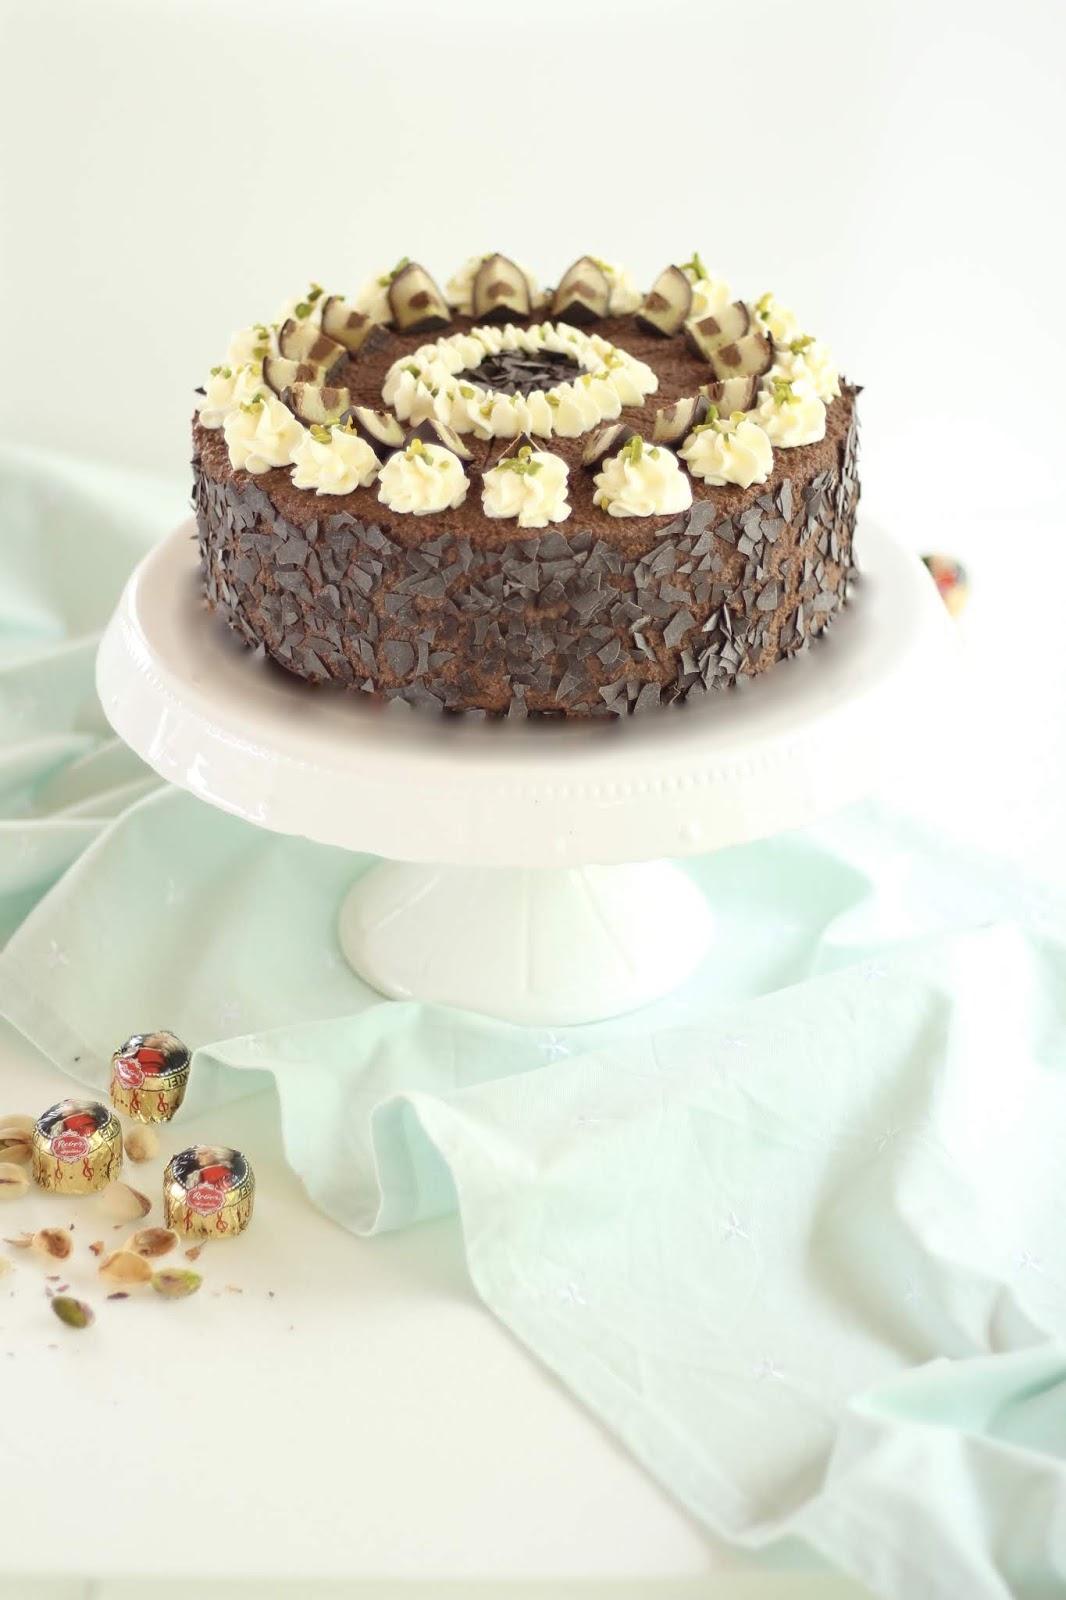 Köstliche Mozarttorte mit Schokolade, Nougat, Pistaziensahne und Mozartkugeln - Rezept und Video